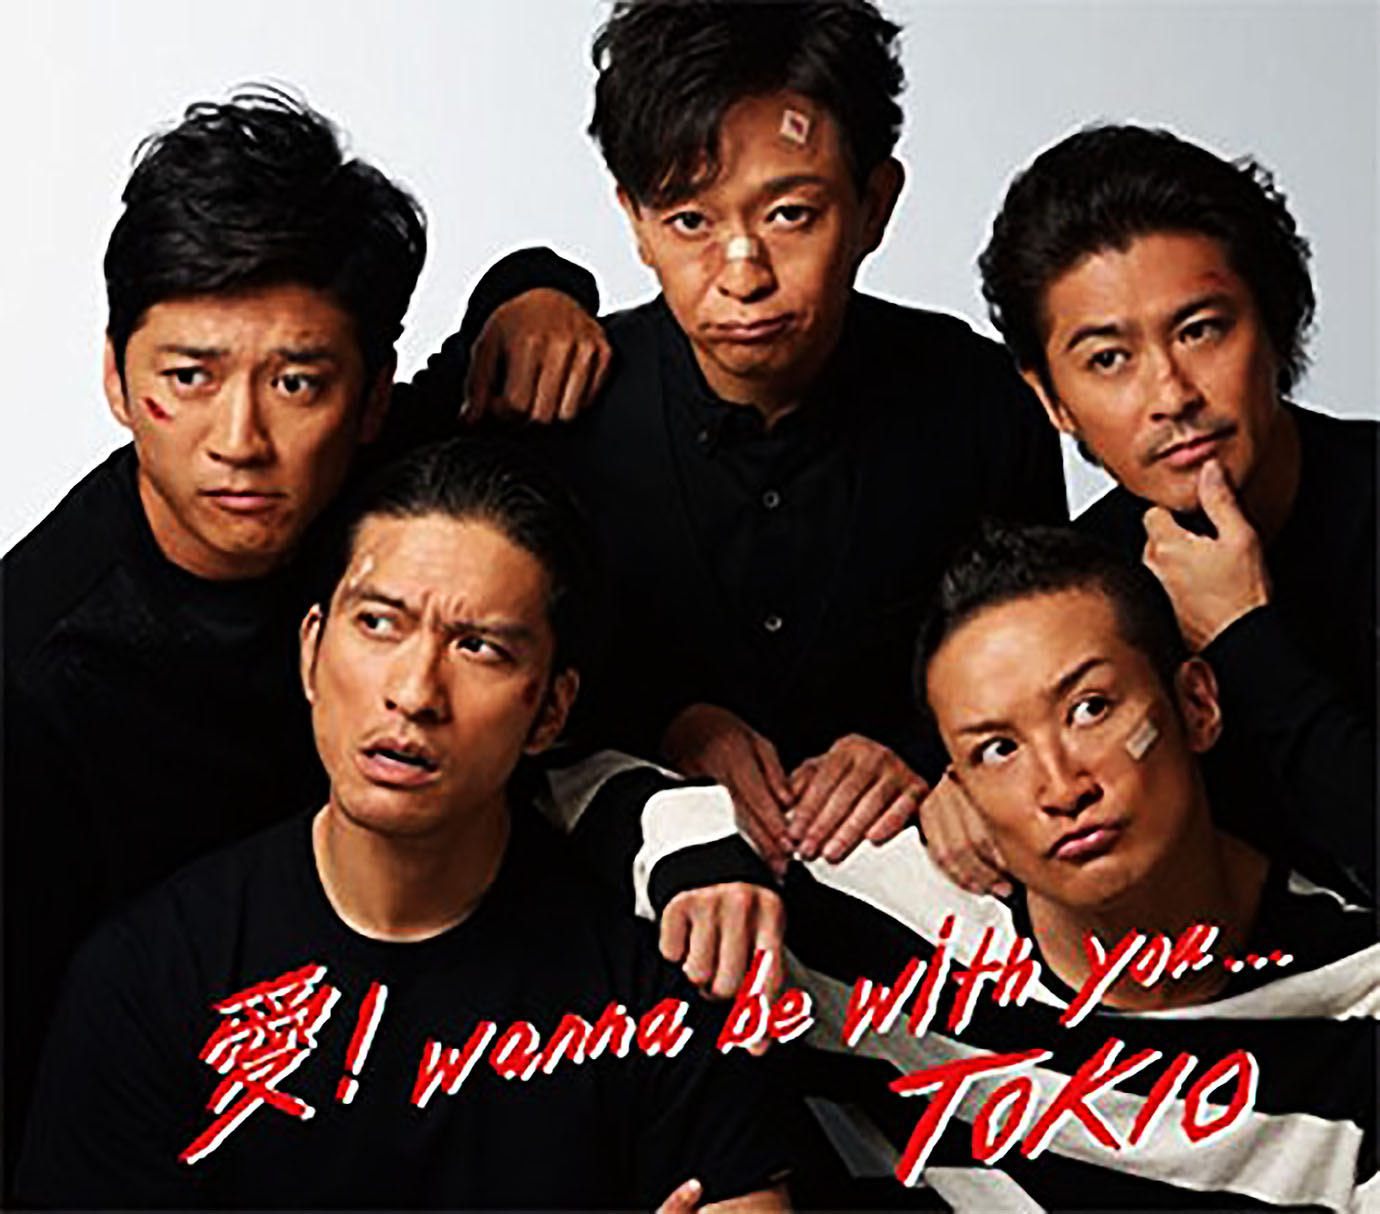 tokio-cd-image